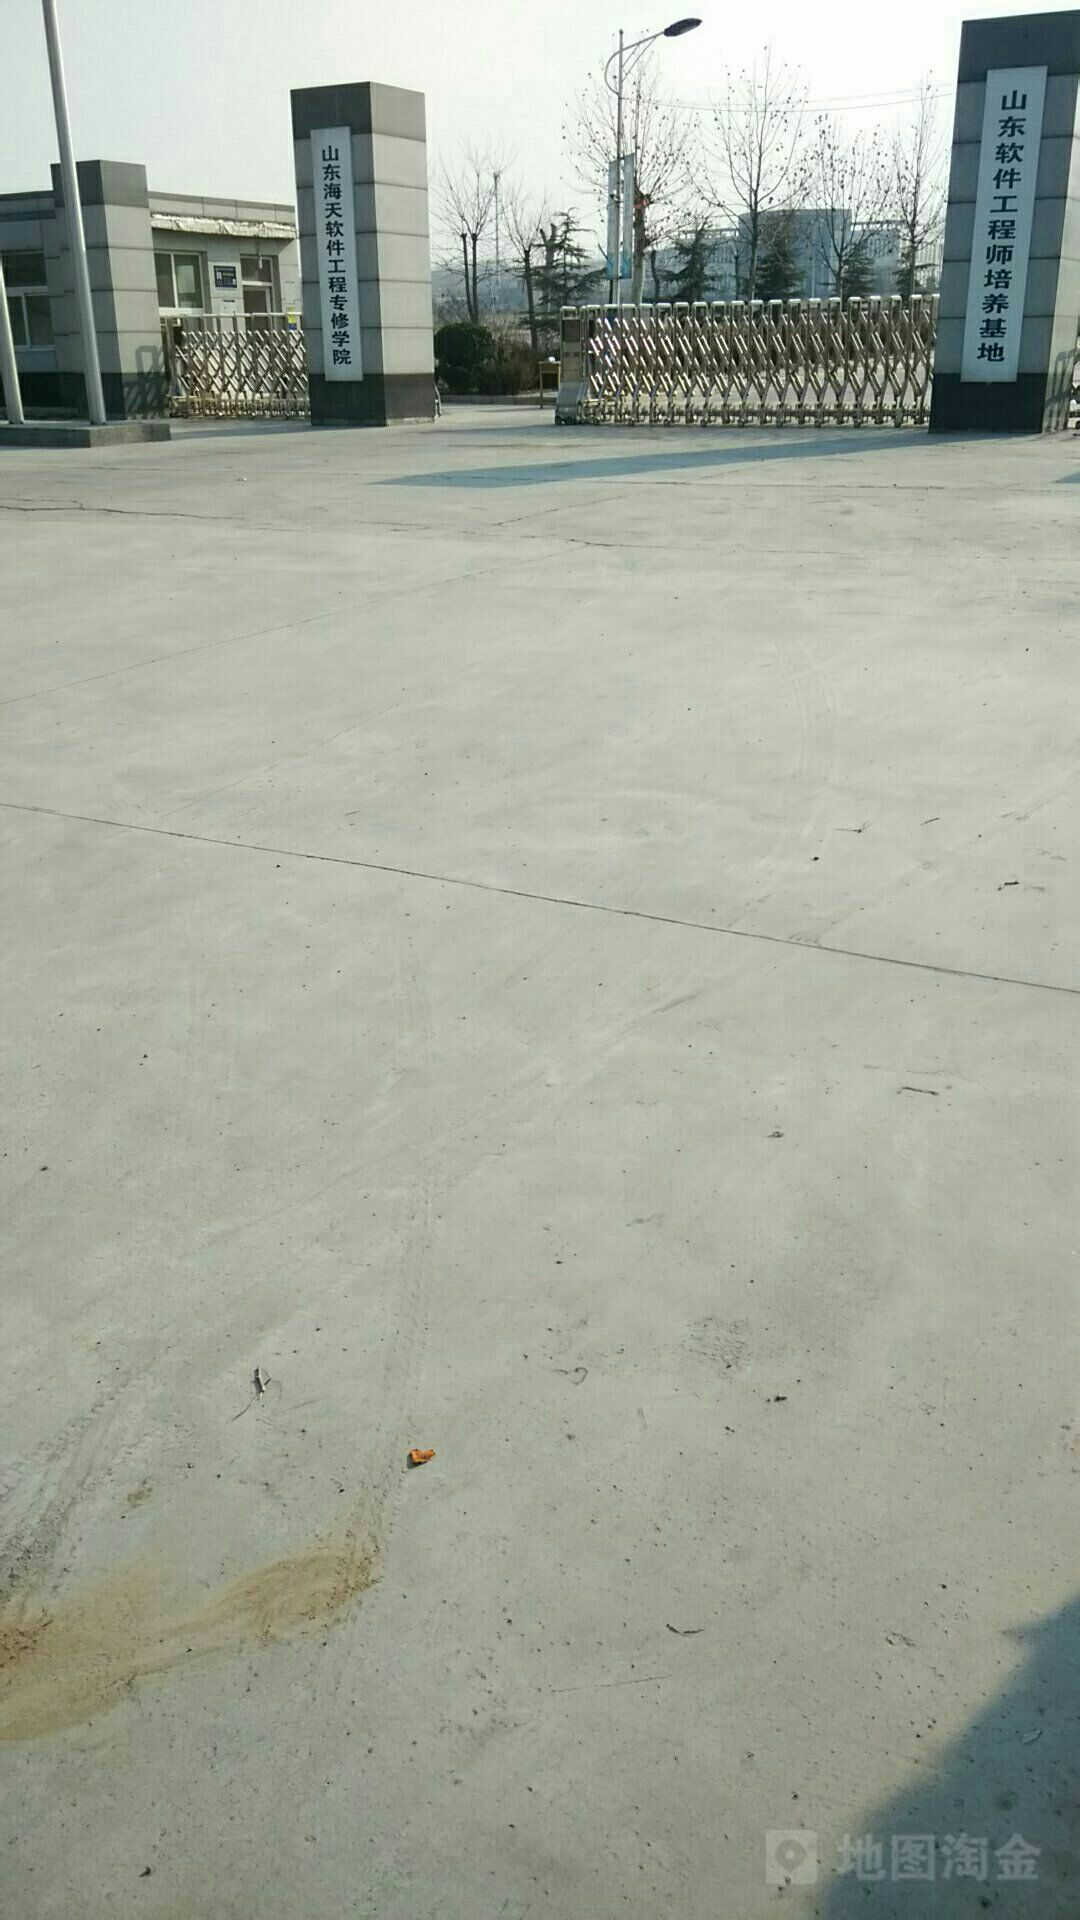 山东海天软件工程专修学院_济南_百度地图